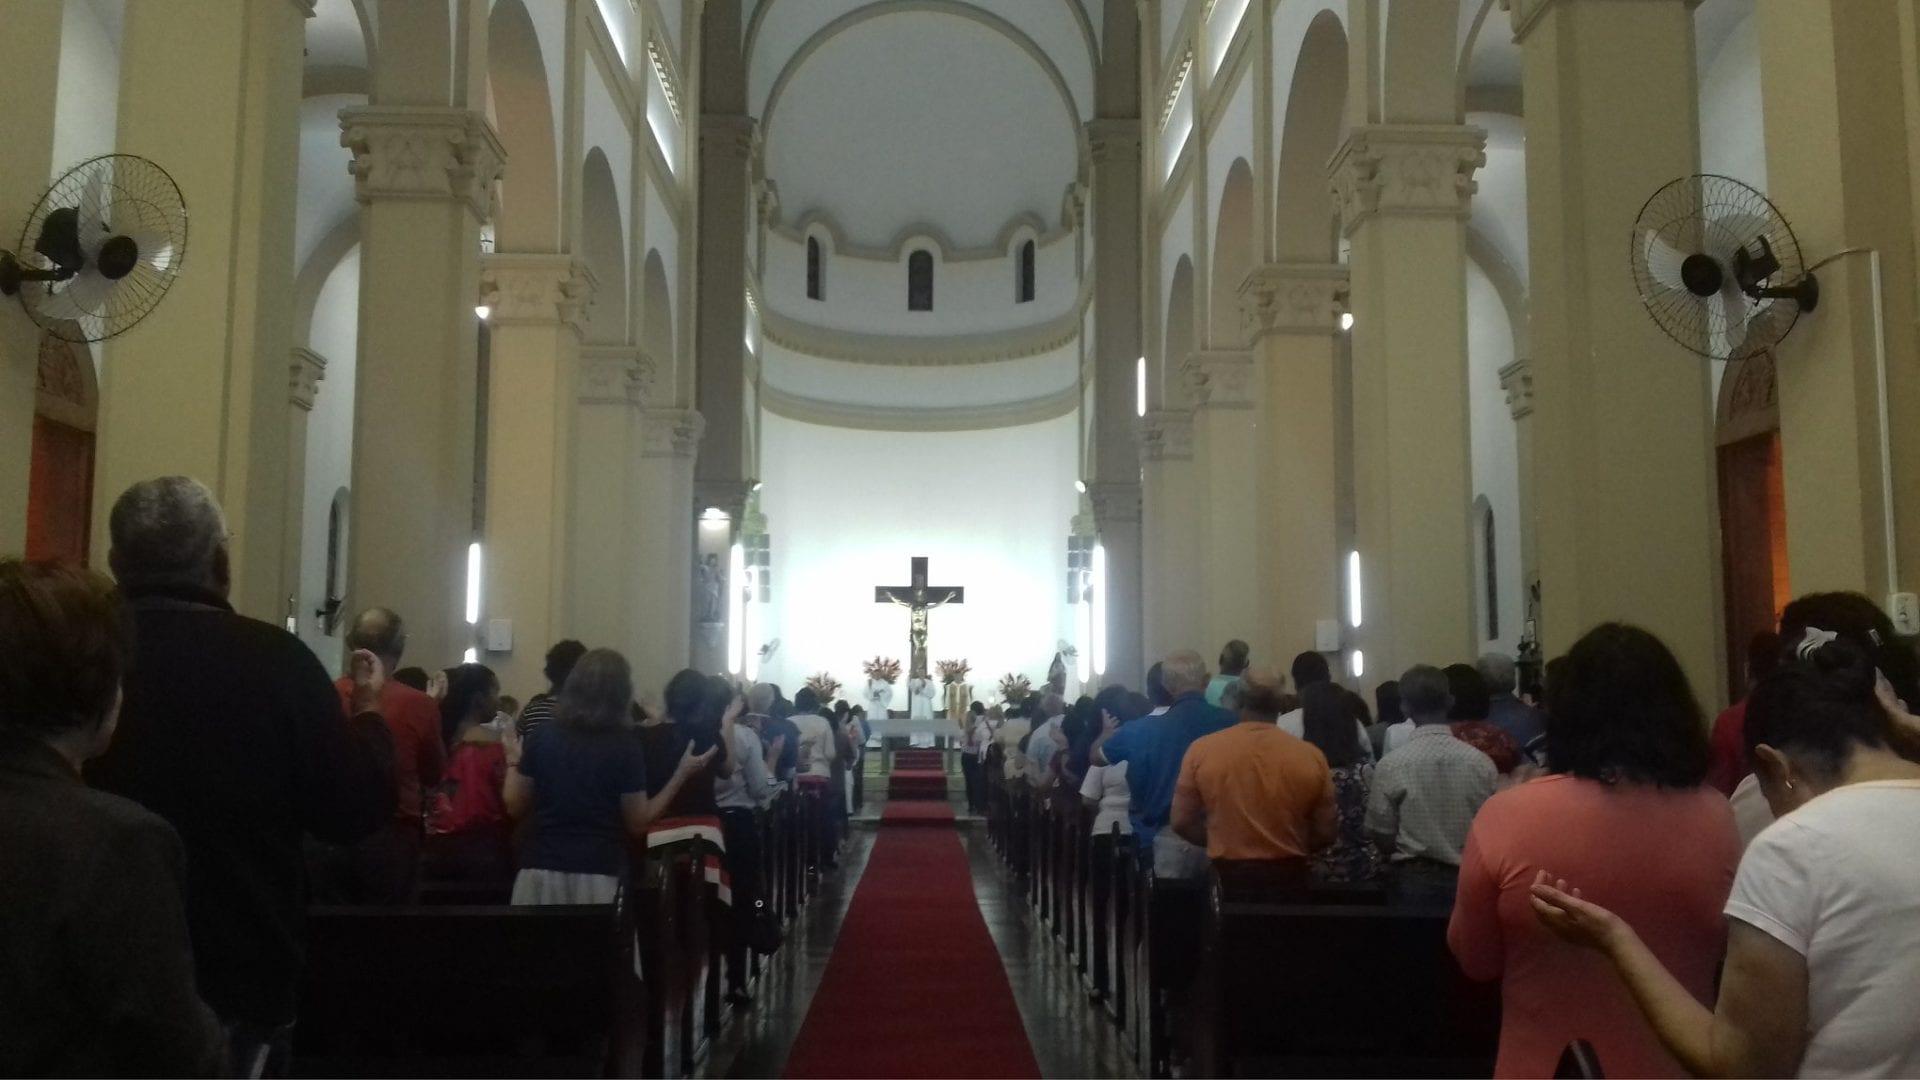 Festa do Sagrado Coração de Jesus